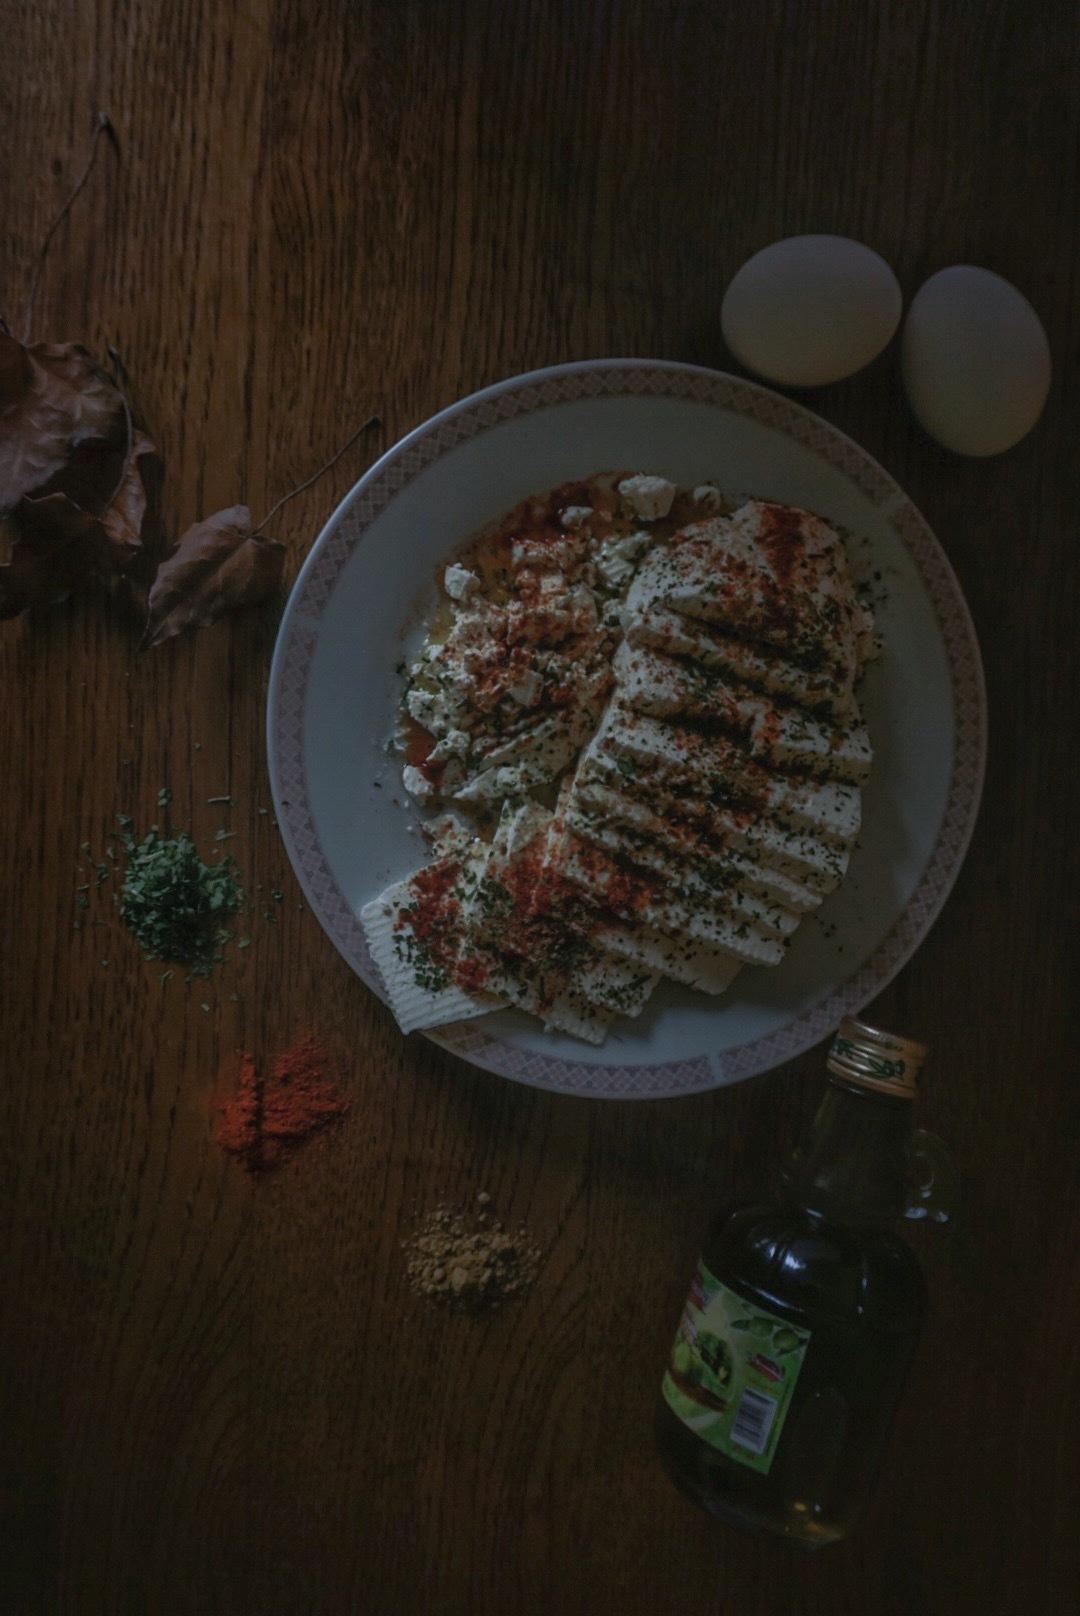 Food by Raman Alfares